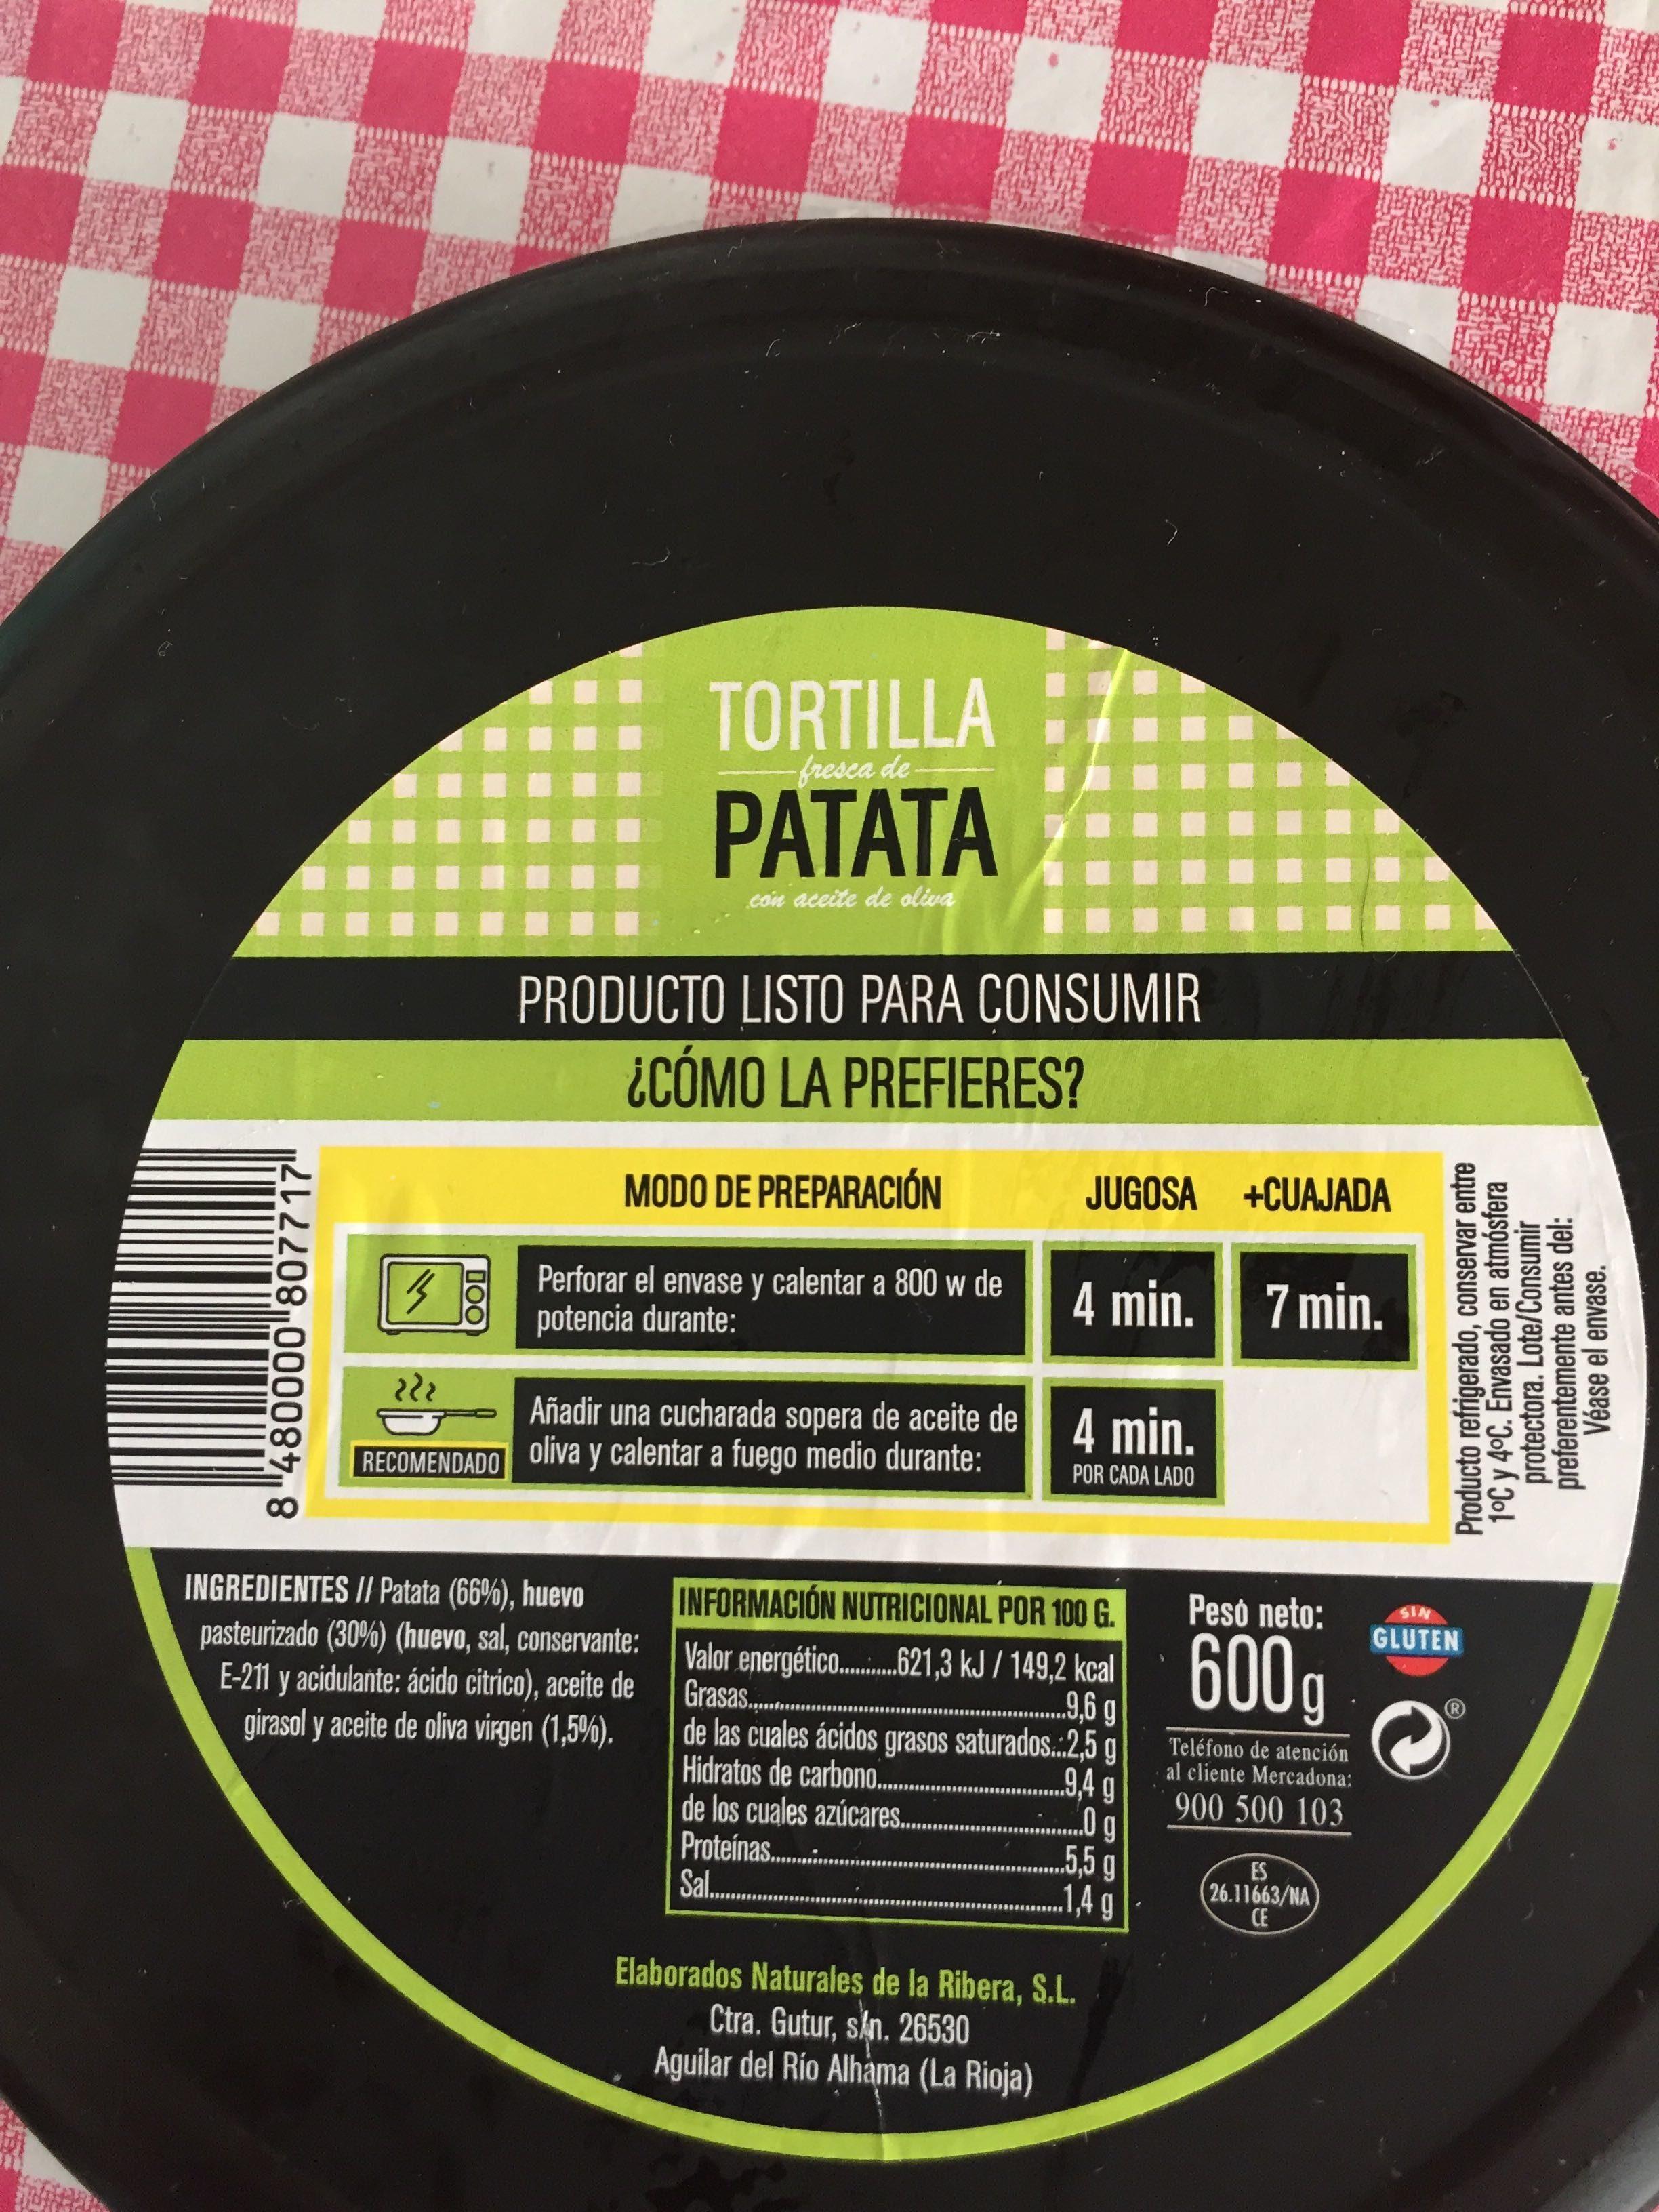 Tortilla fresca de patata - Información nutricional - es